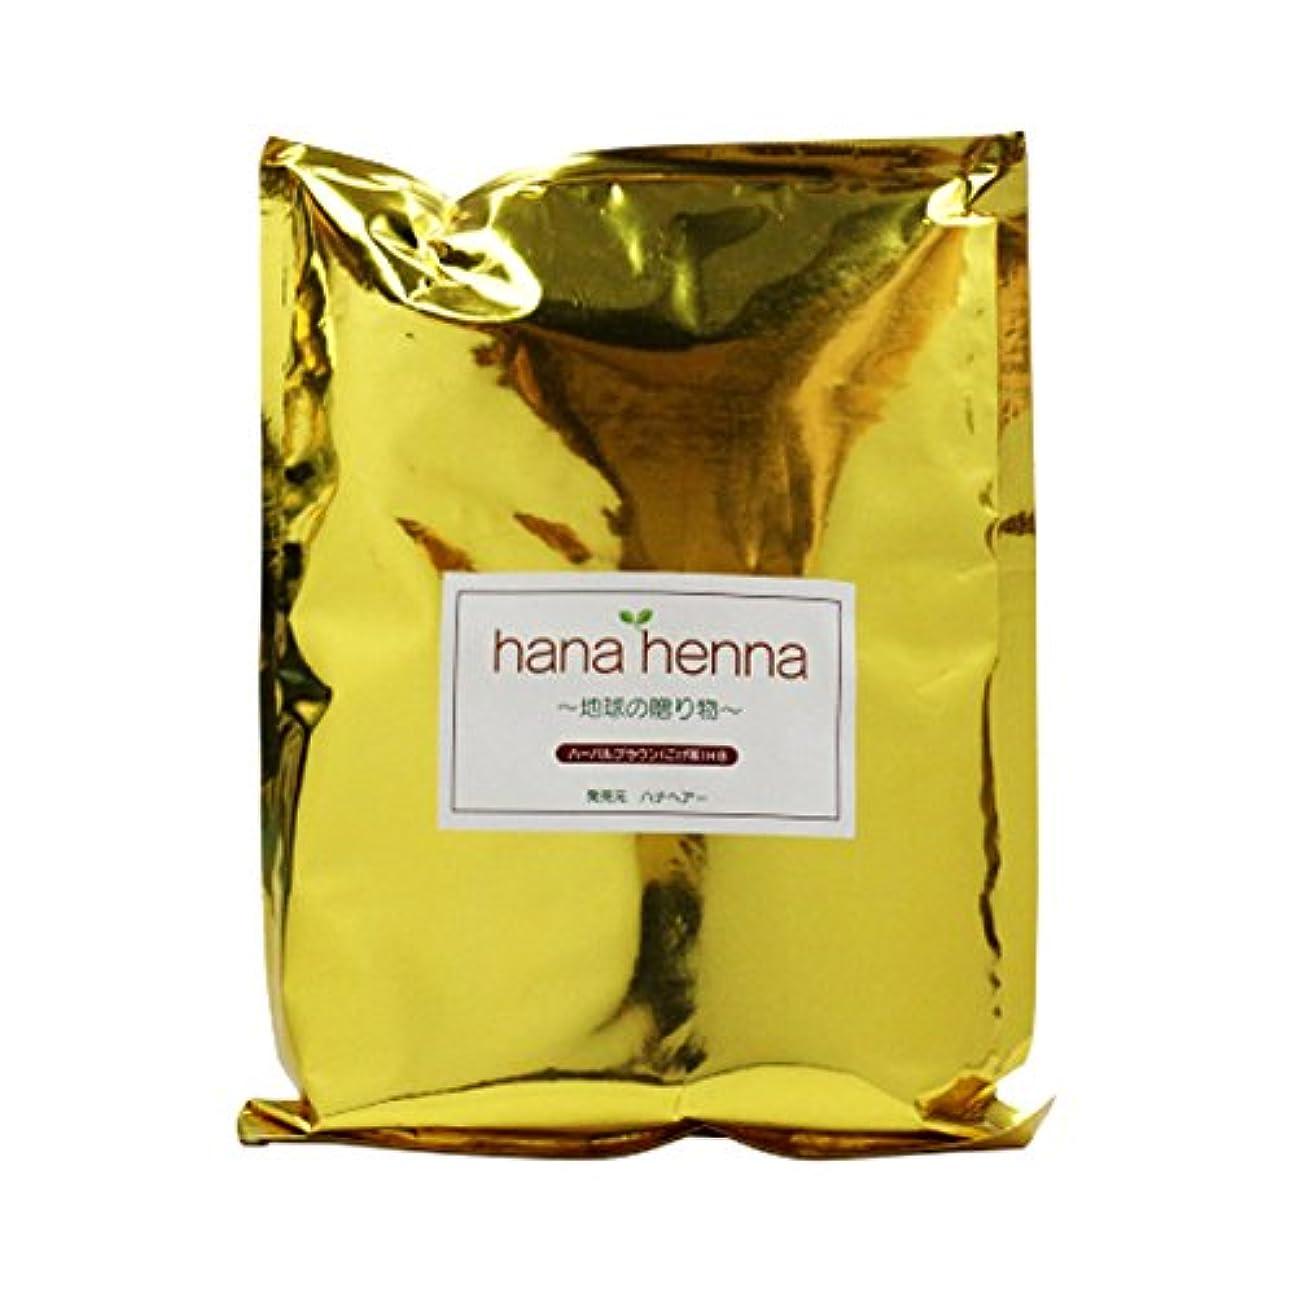 フィルタレオナルドダ深遠hanahenna ハーバルブラウン HB(こげ茶) 100g